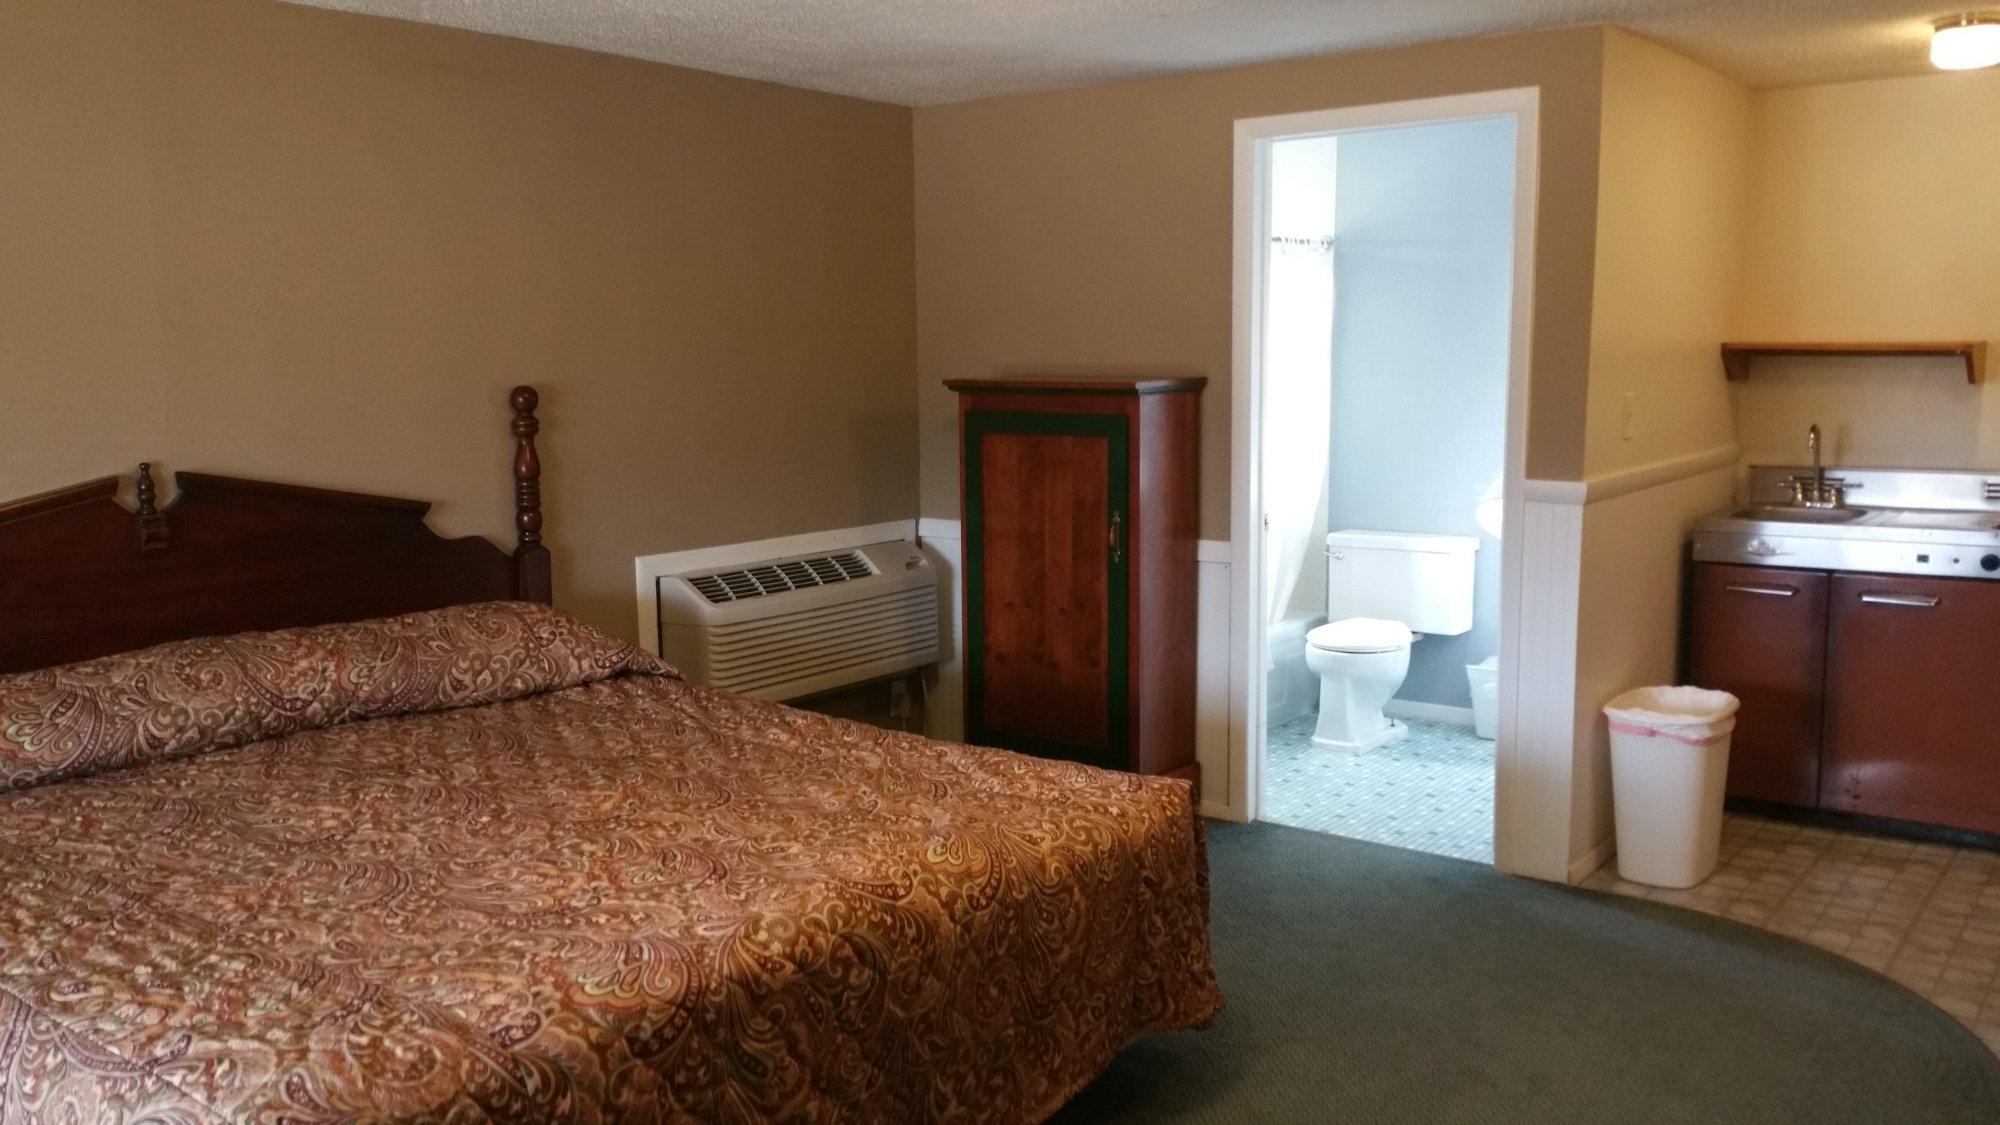 Keystone Lake Motel